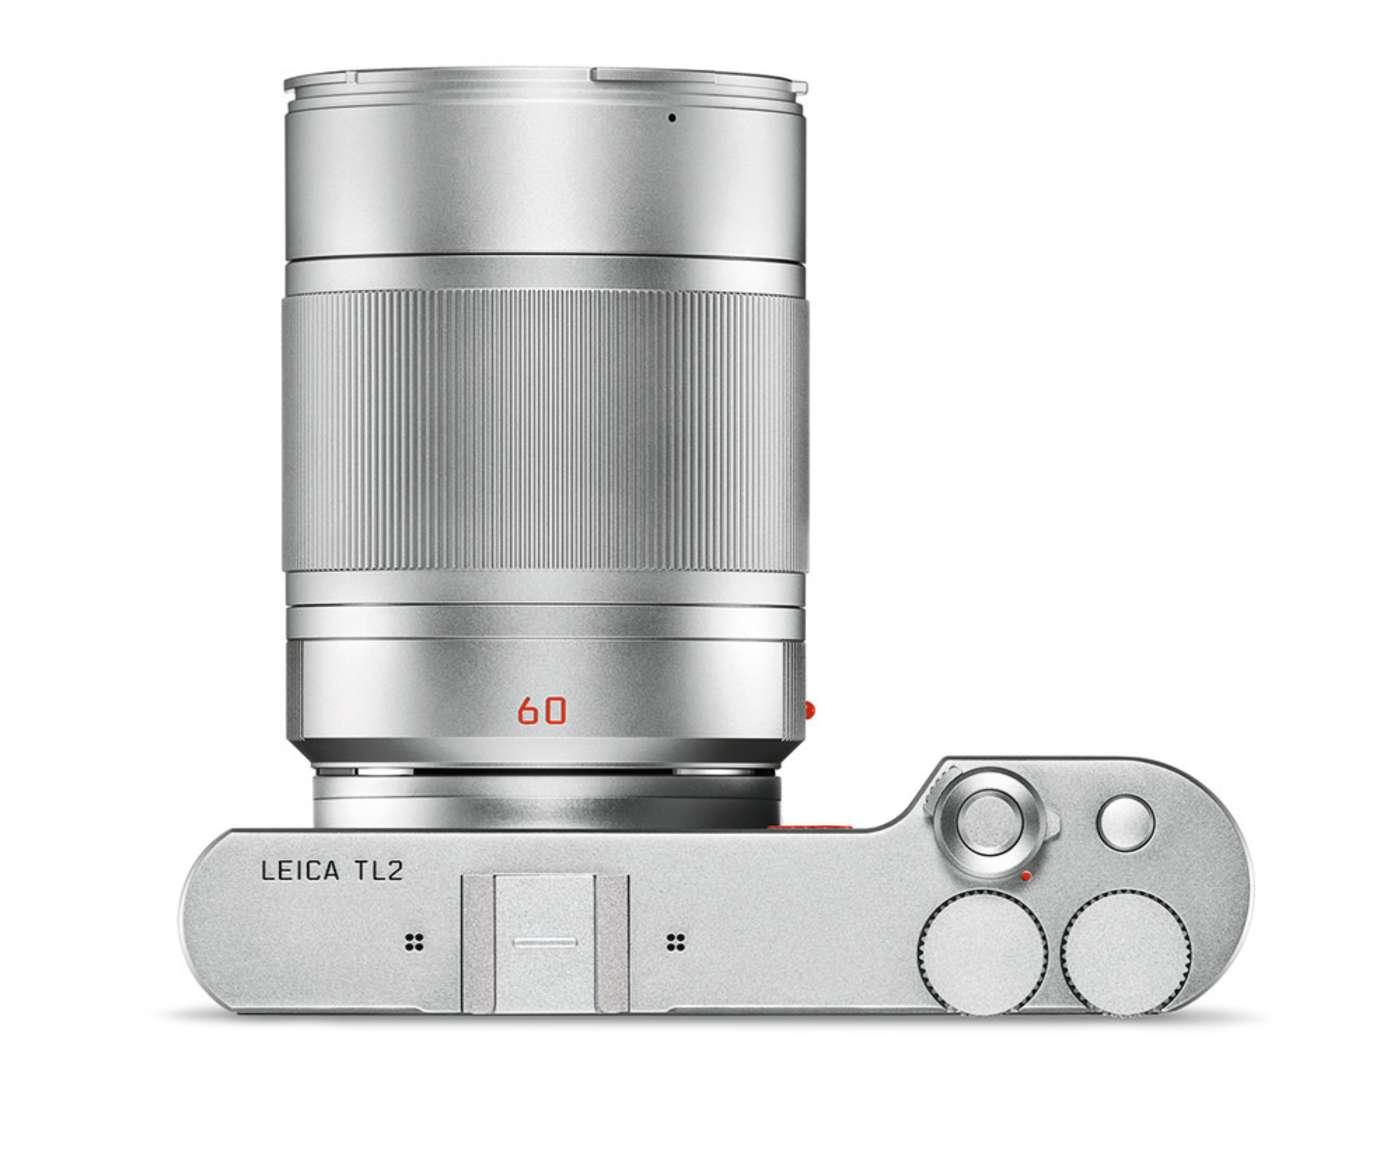 Leica TL2 С объективом 60mm Macro, вид сверху